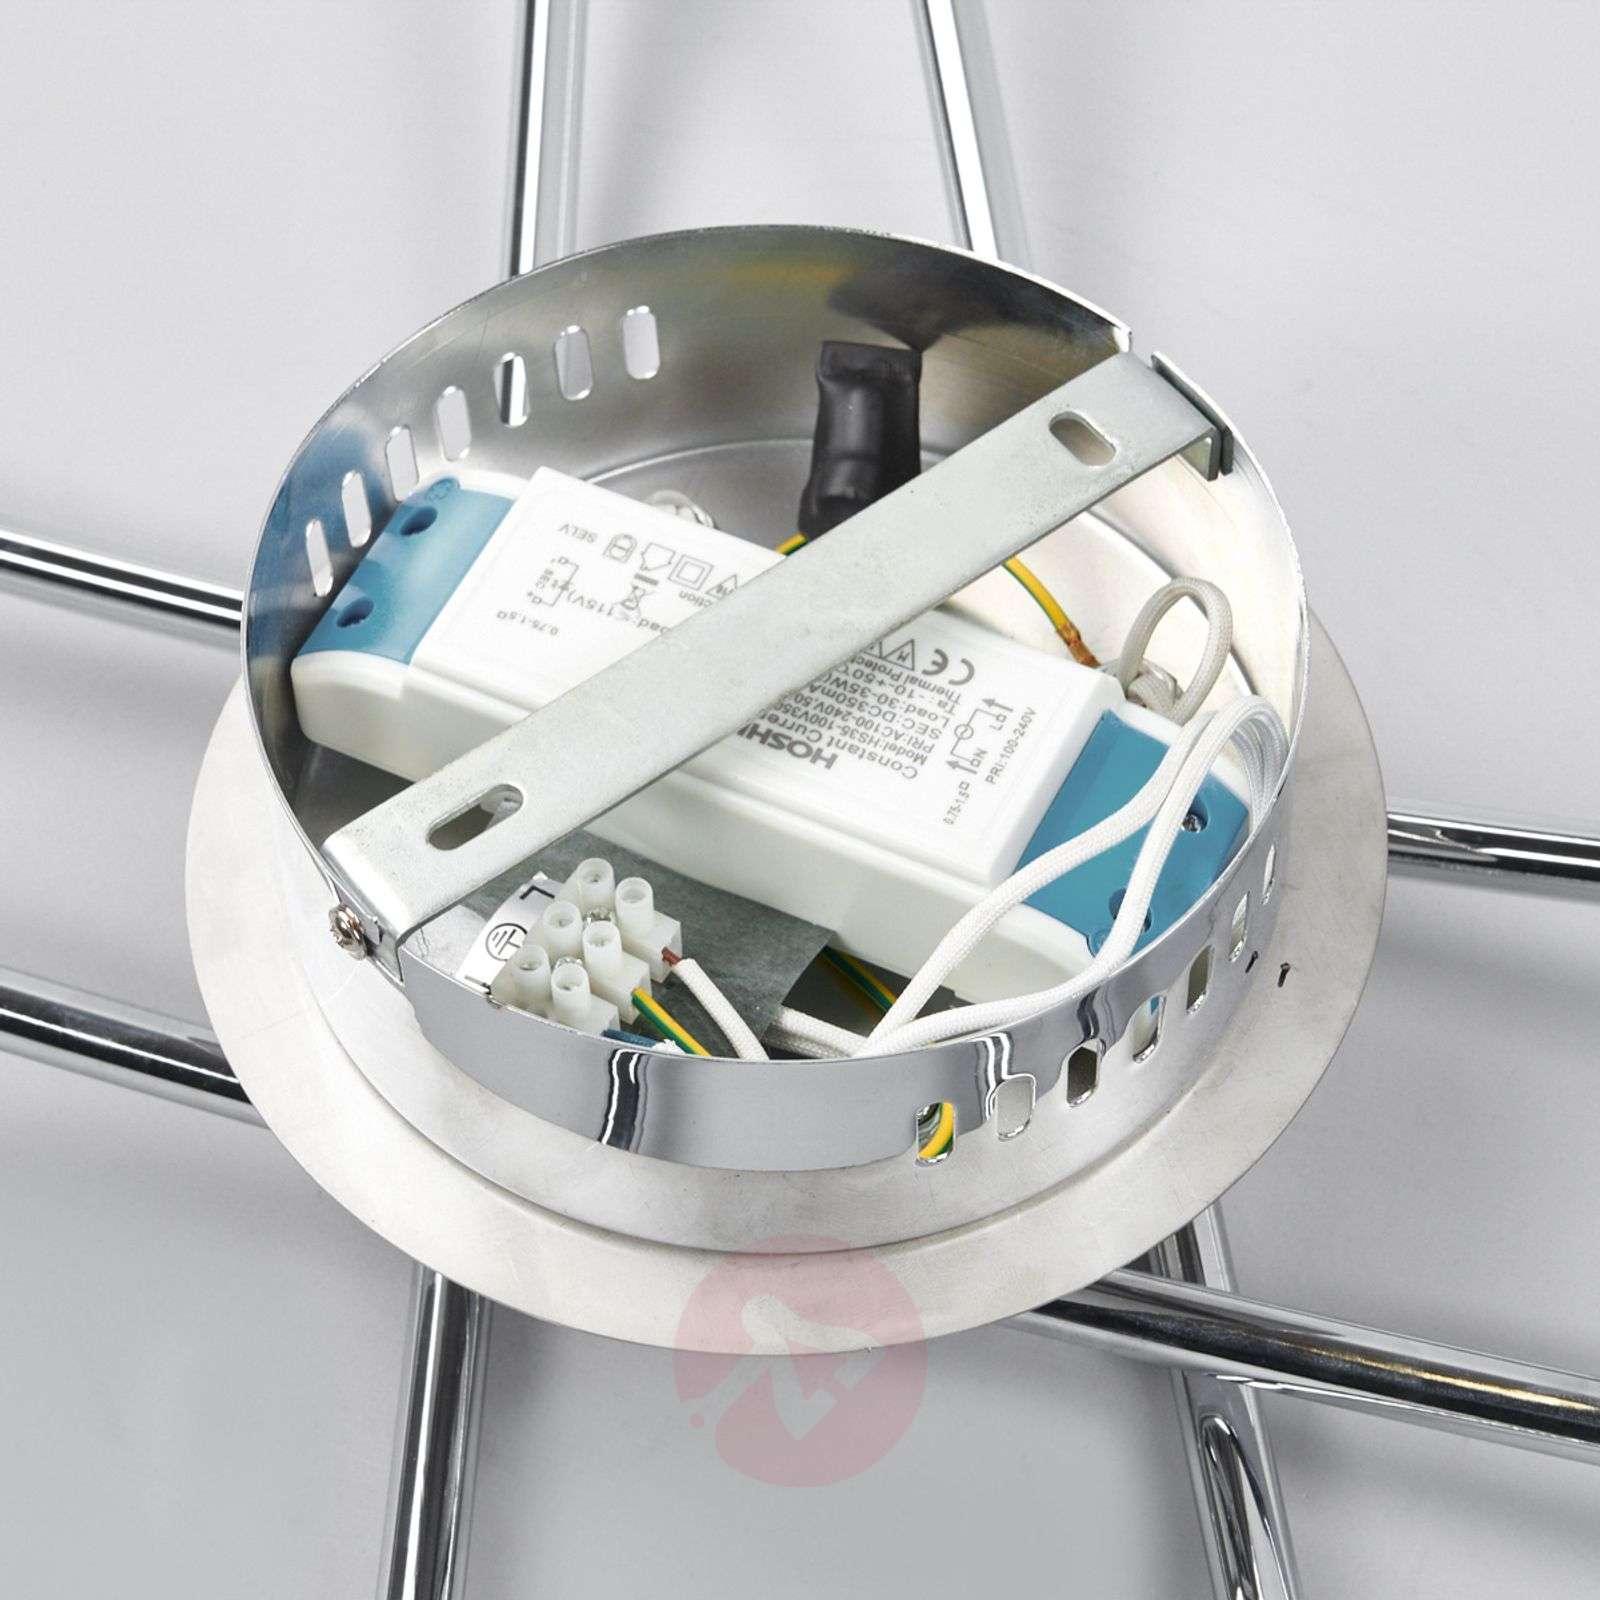 Yael LED-kattovalaisin keittiöön ja olotiloihin-9639008-01